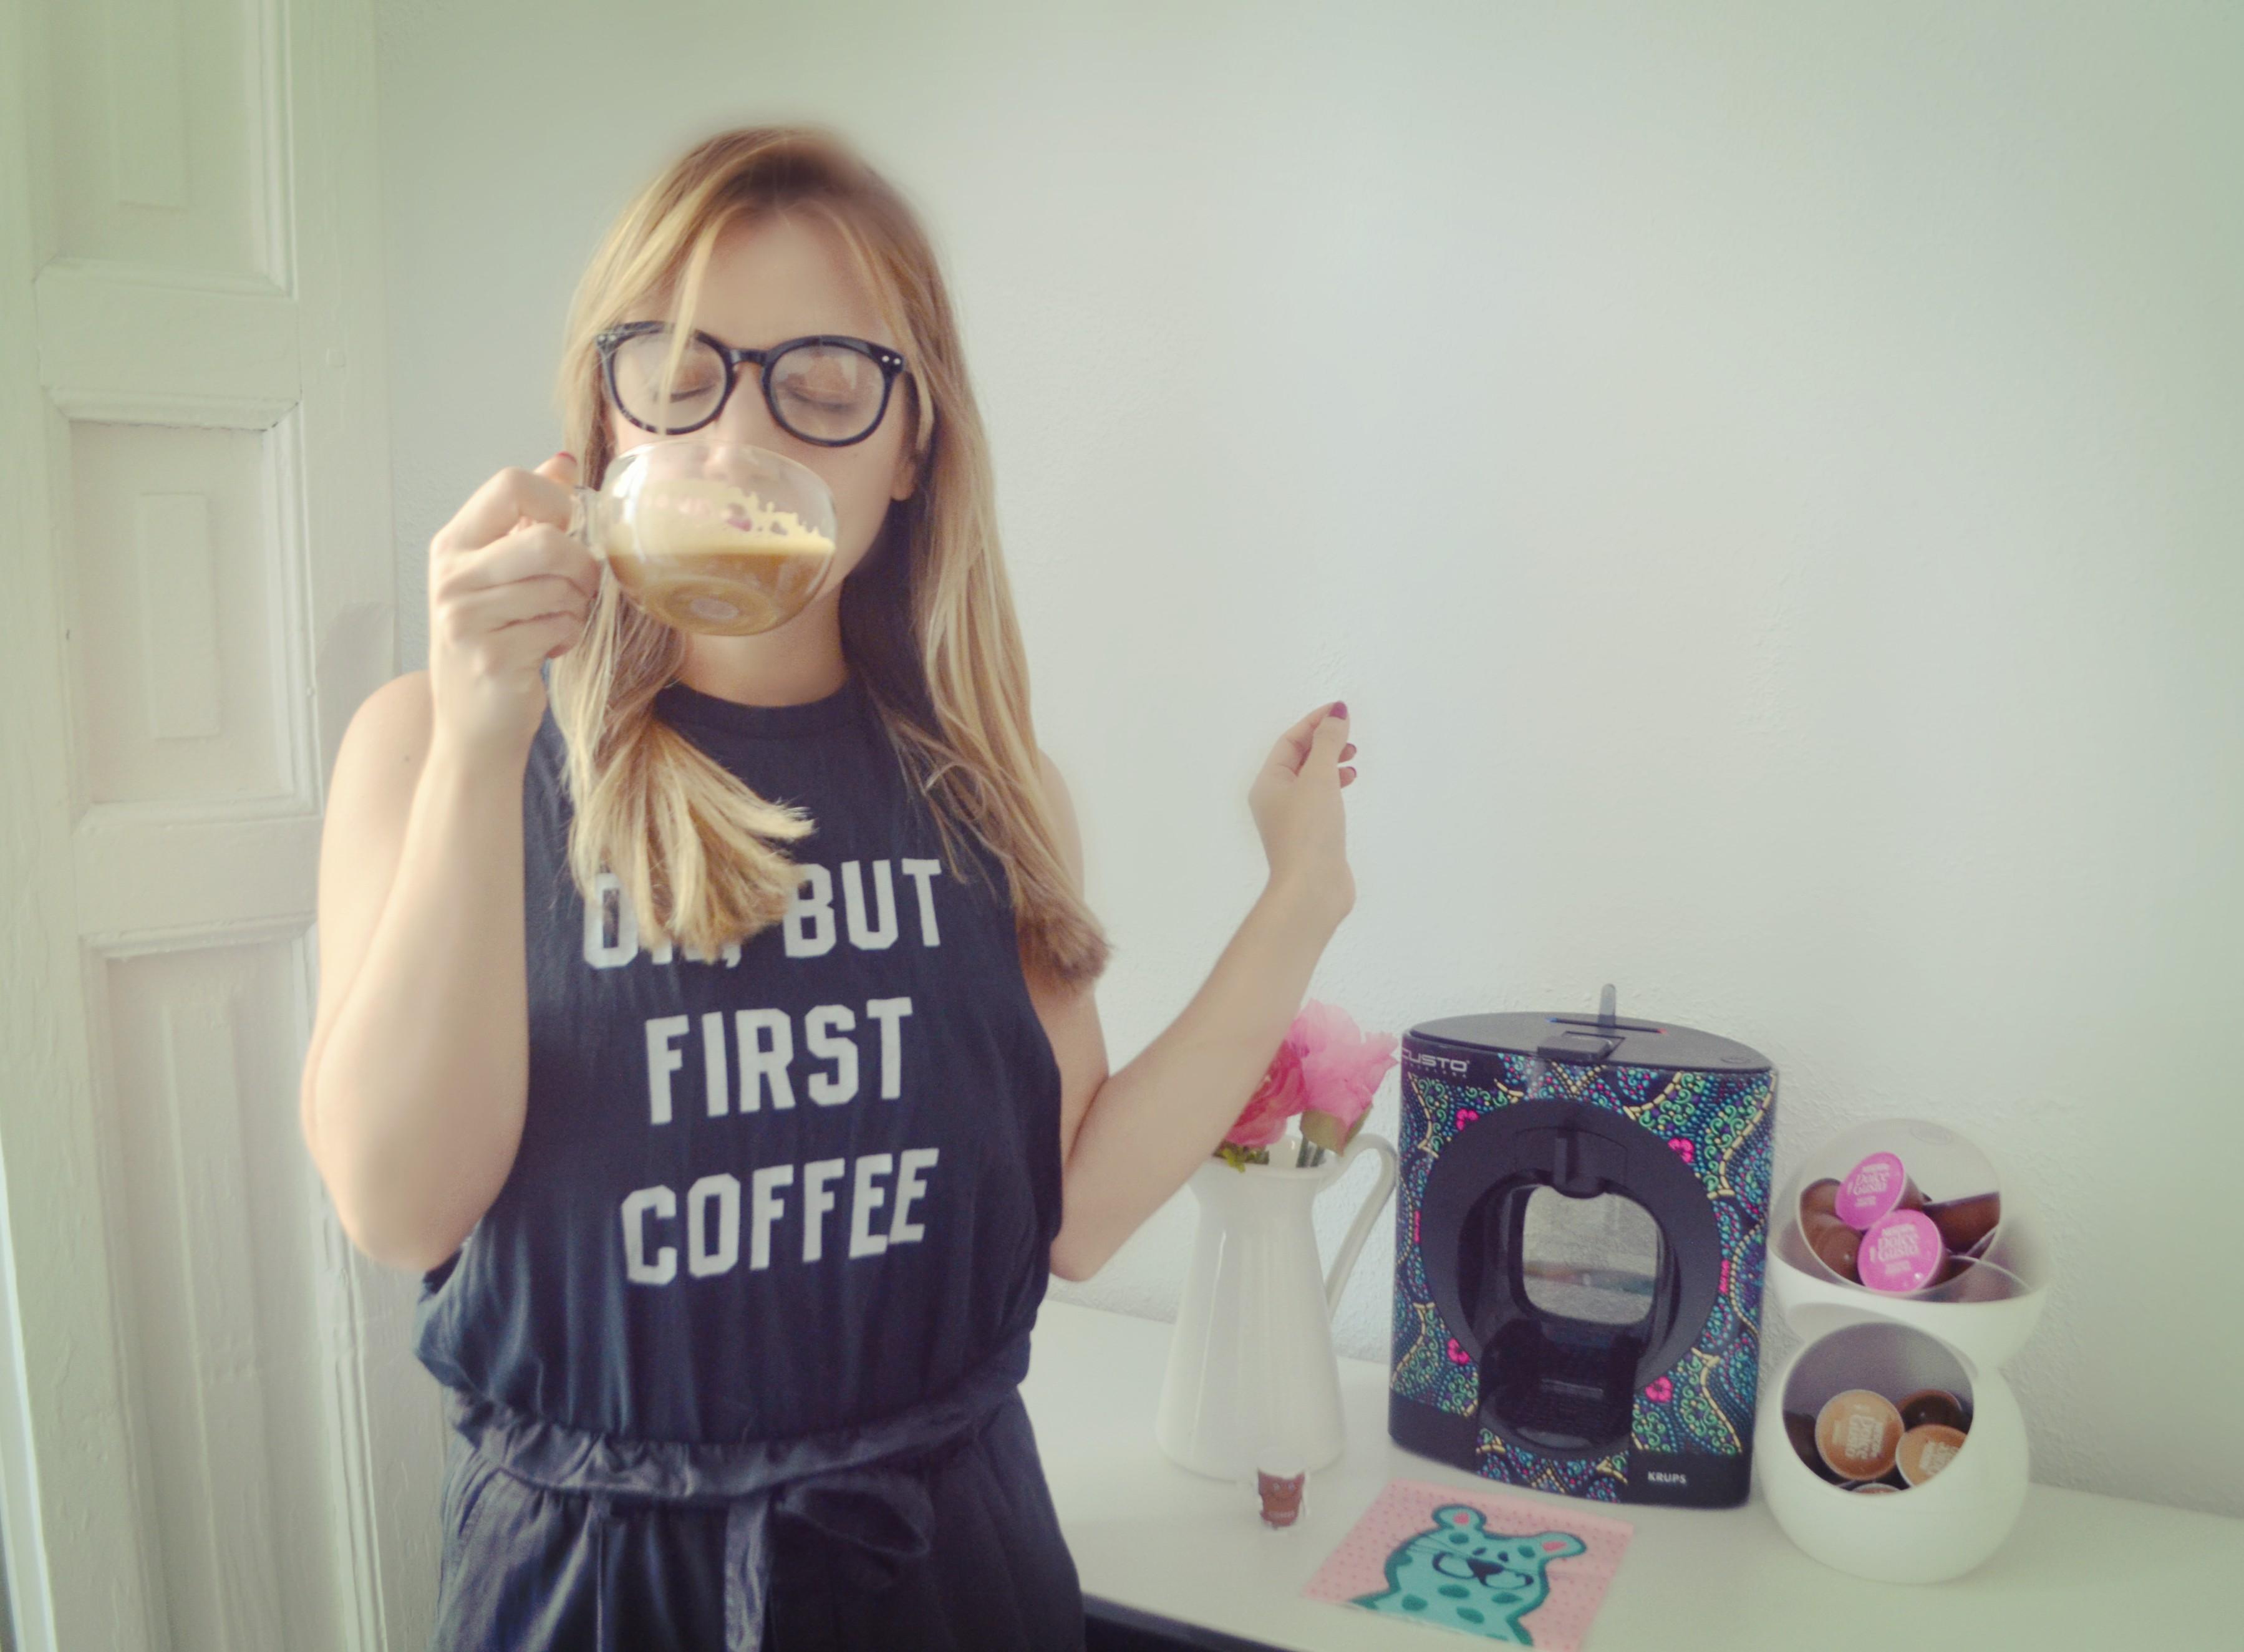 chicadicta-chic-adicta-blog-de-moda-but-first-coffee-cafetera-de-capsulas-nescafe-dolce-gusto-oblo-custo-edicion-limitada-cute-style-regalos-para-chicas-fashion-piensaenchic-piensa-en-chic